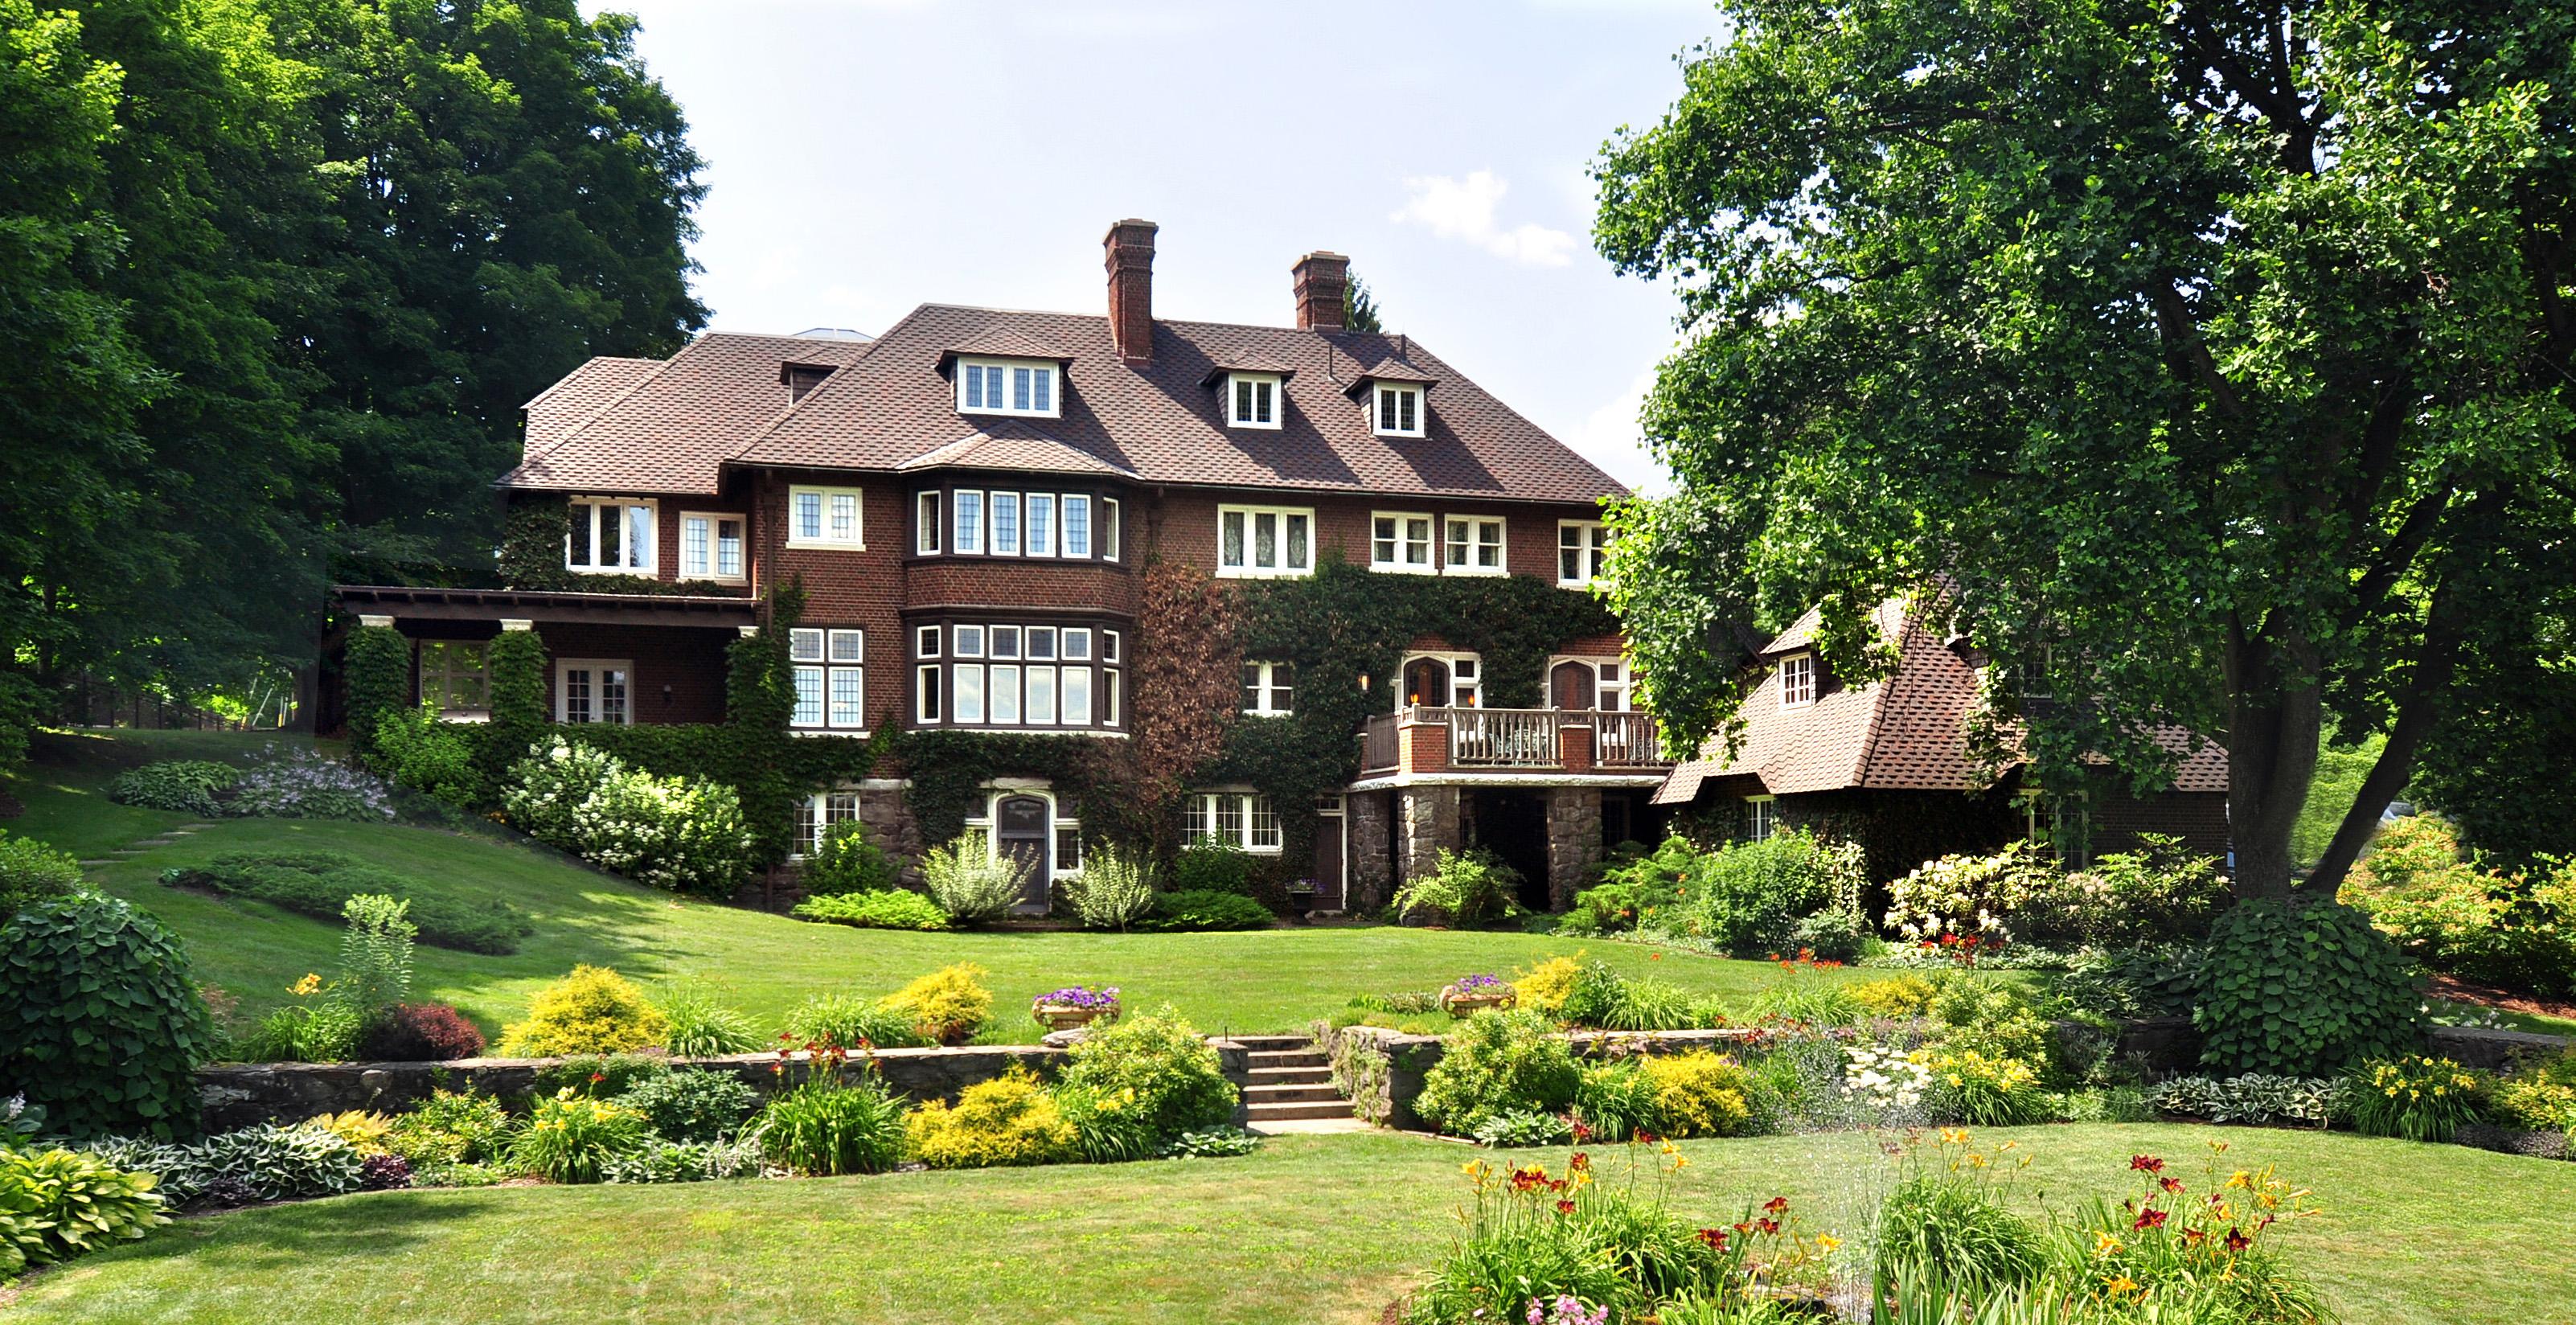 단독 가정 주택 용 매매 에 11-Acre Estate, Tudor Masterpiece, Golf Course Living 575 South Street Pittsfield, 매사추세츠 01201 미국